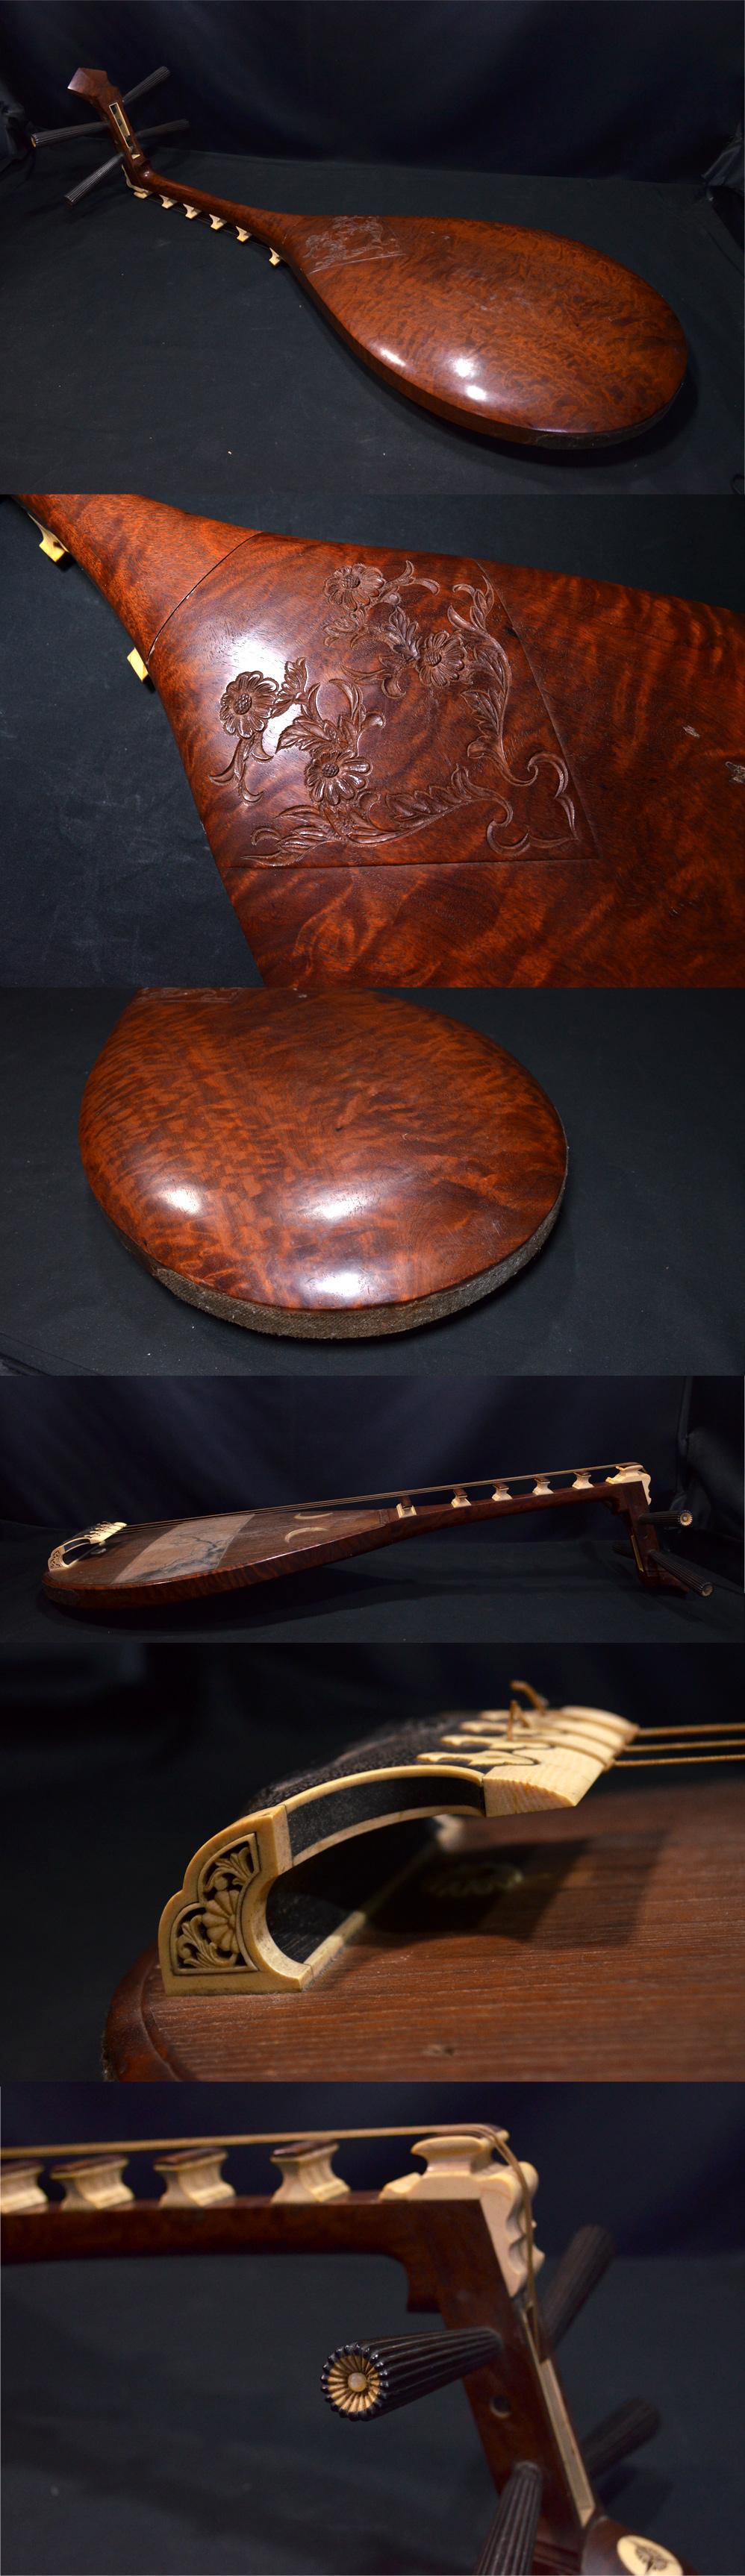 時代物 緻密彫刻象牙越前琵琶四弦